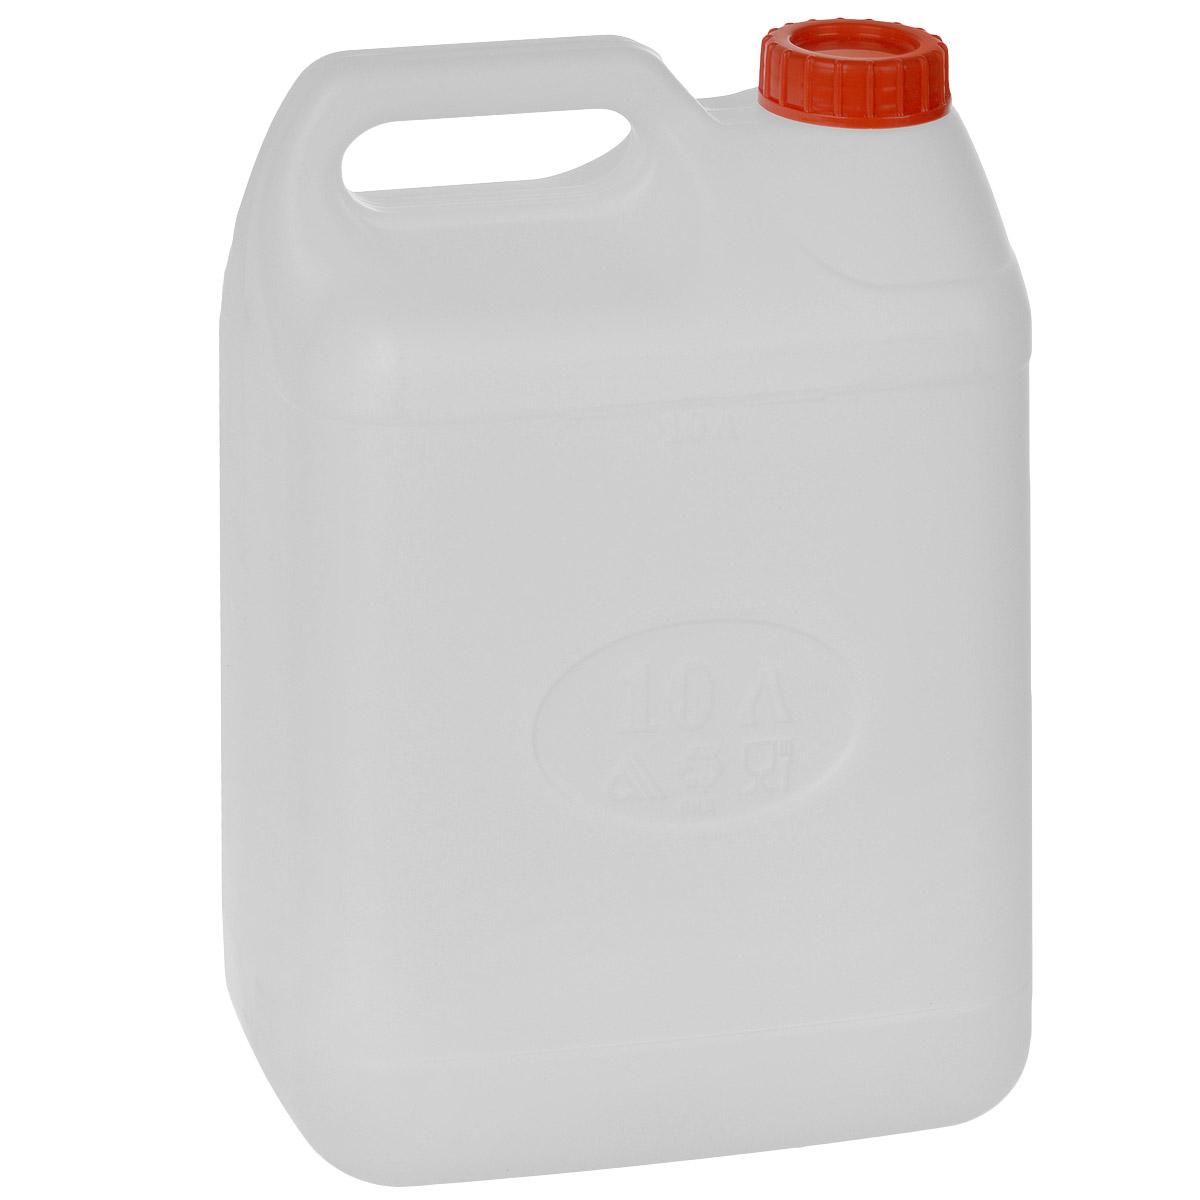 Канистра Альтернатива, 10 лМ434Канистра Альтернатива на 10 литров, изготовленная из прочного пластика, несомненно, пригодится вам во время путешествия. Предназначена для переноски и хранения различных жидкостей.